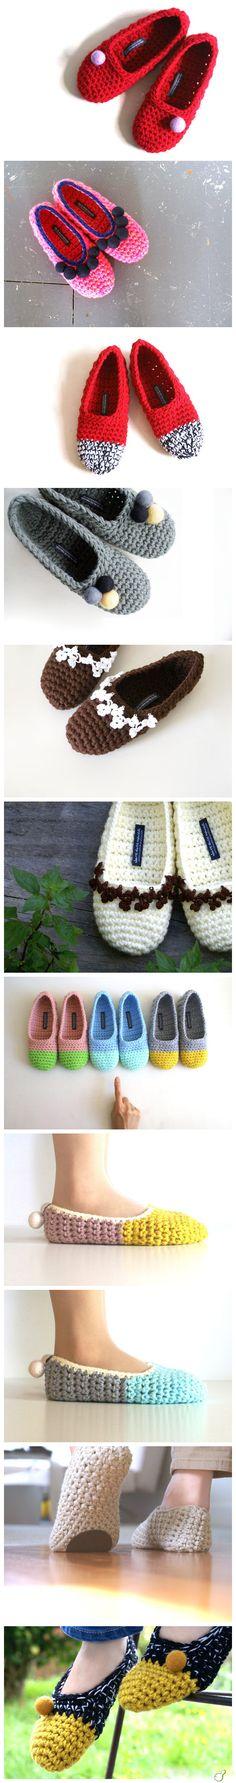 muy buena idea! y muy lindos colores n.n